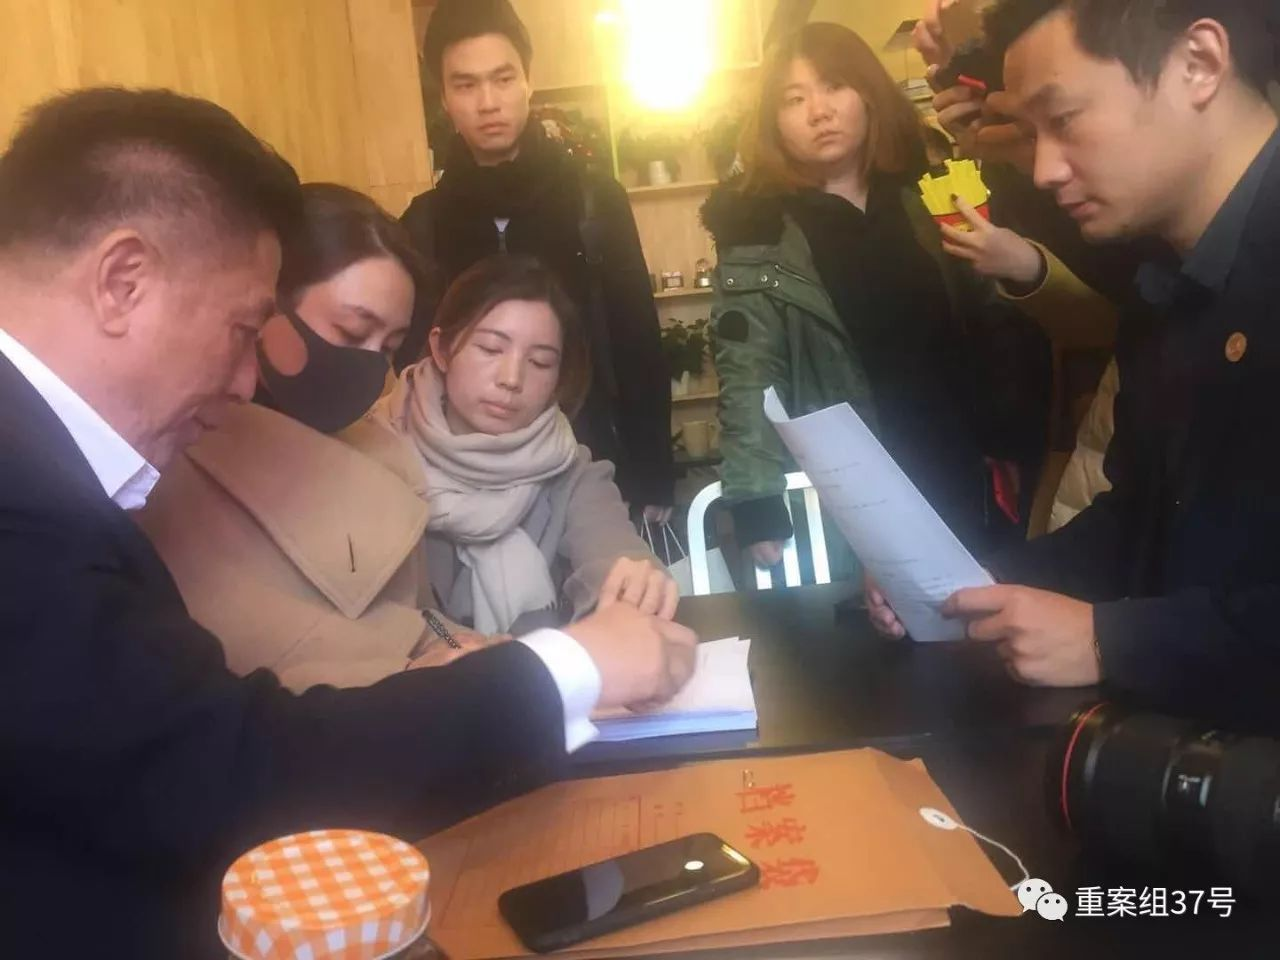 现场直击丨演员马苏法院递诉状,起诉黄毅清诽谤